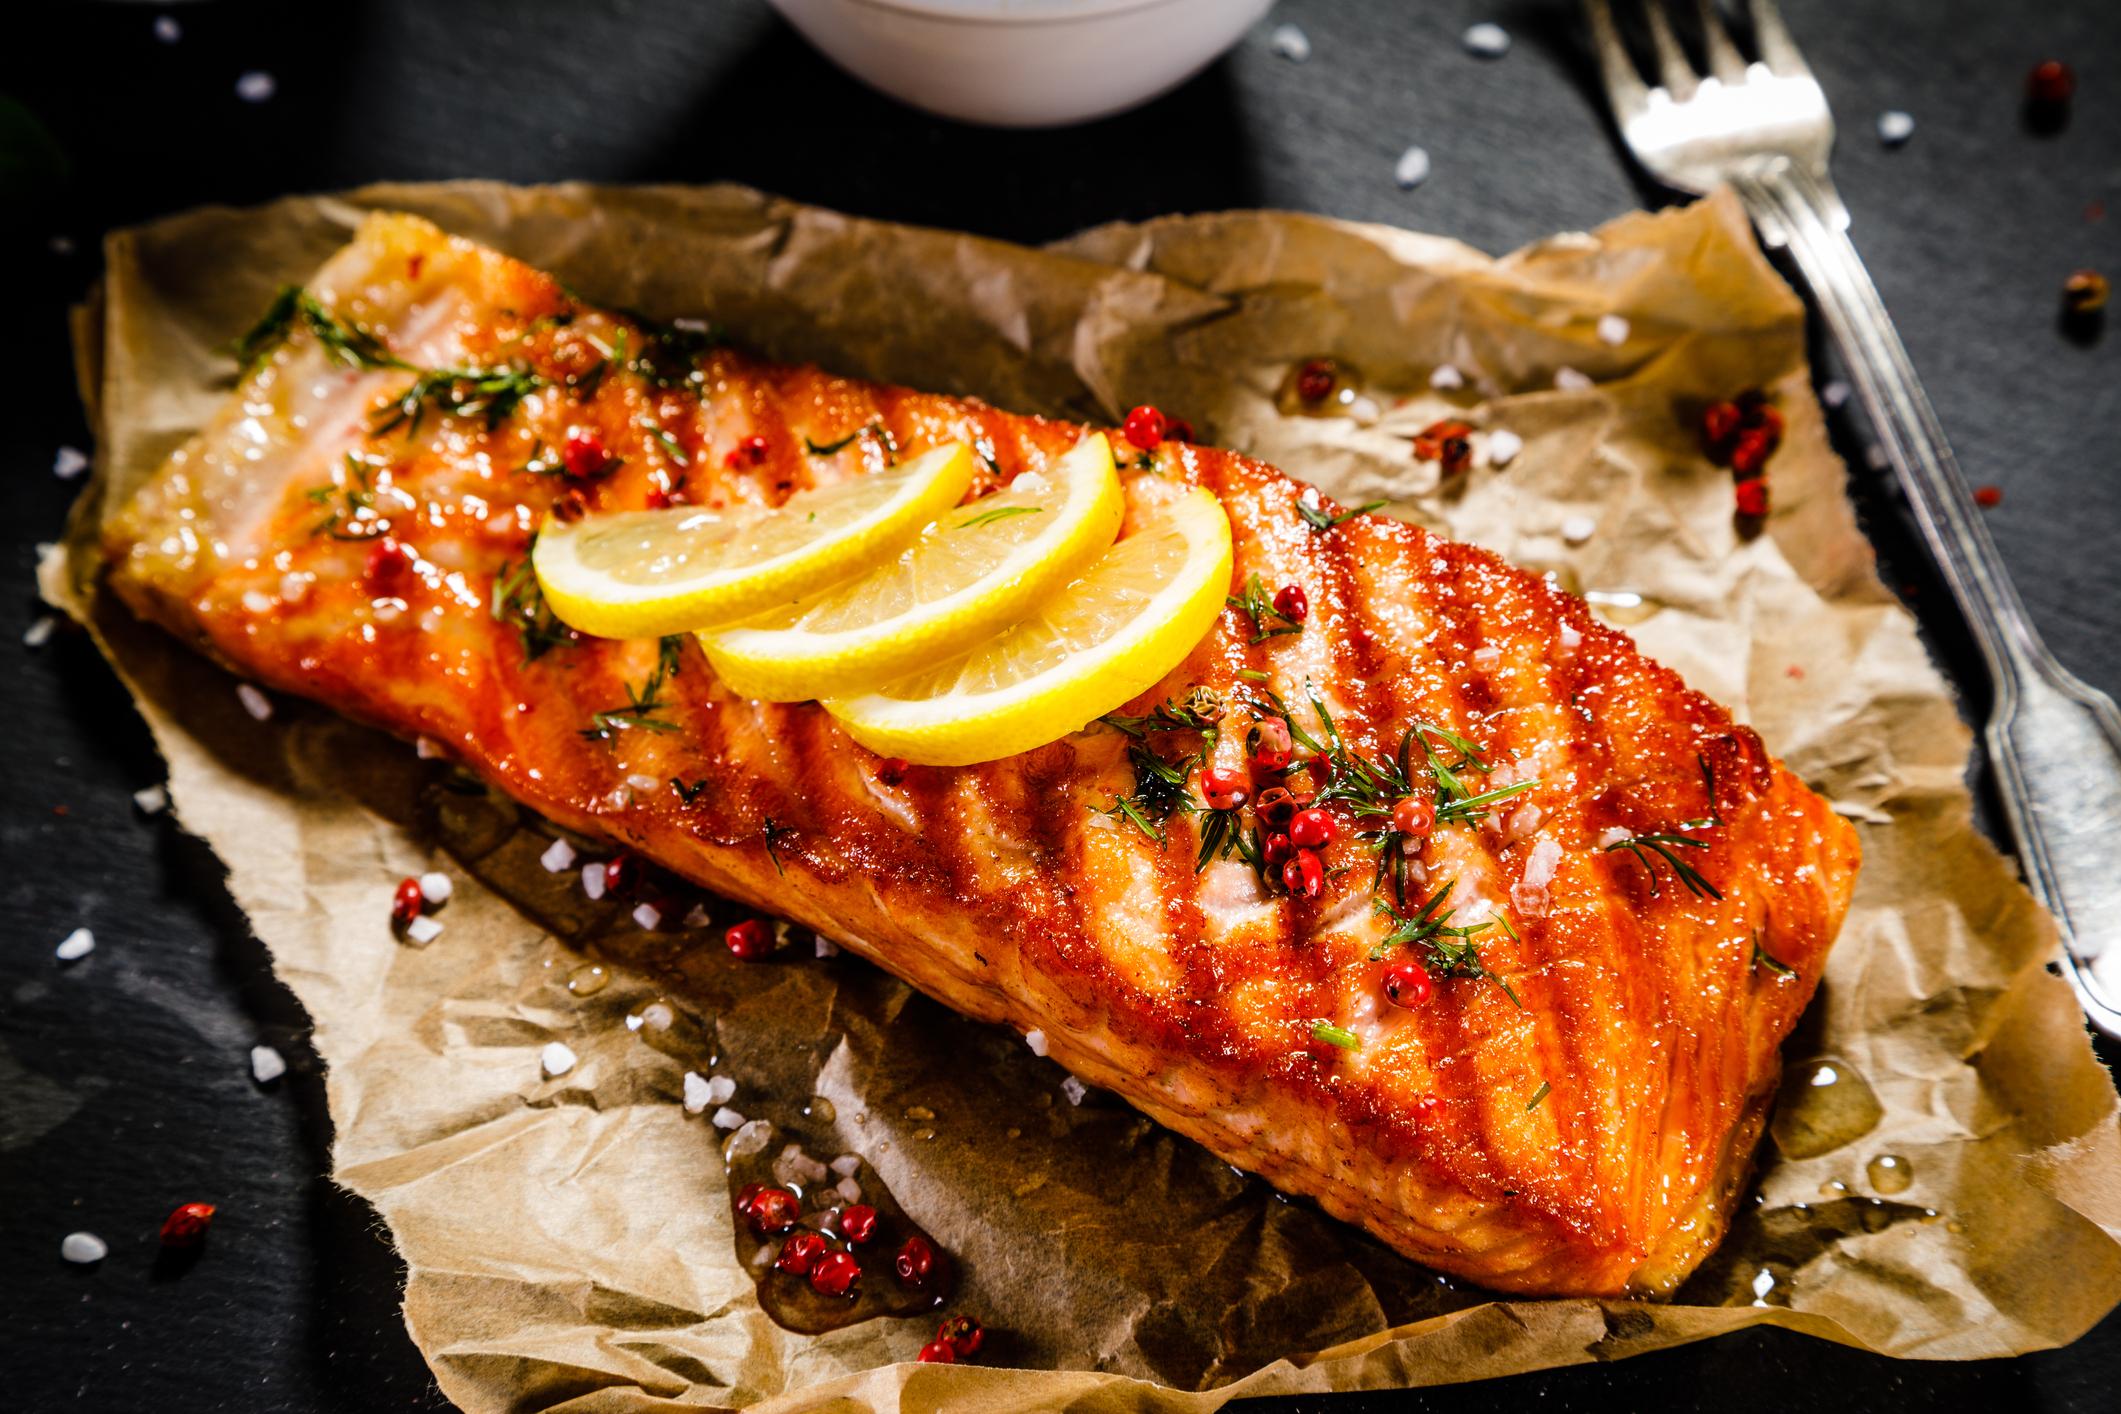 salmon with lemon on parchment paper